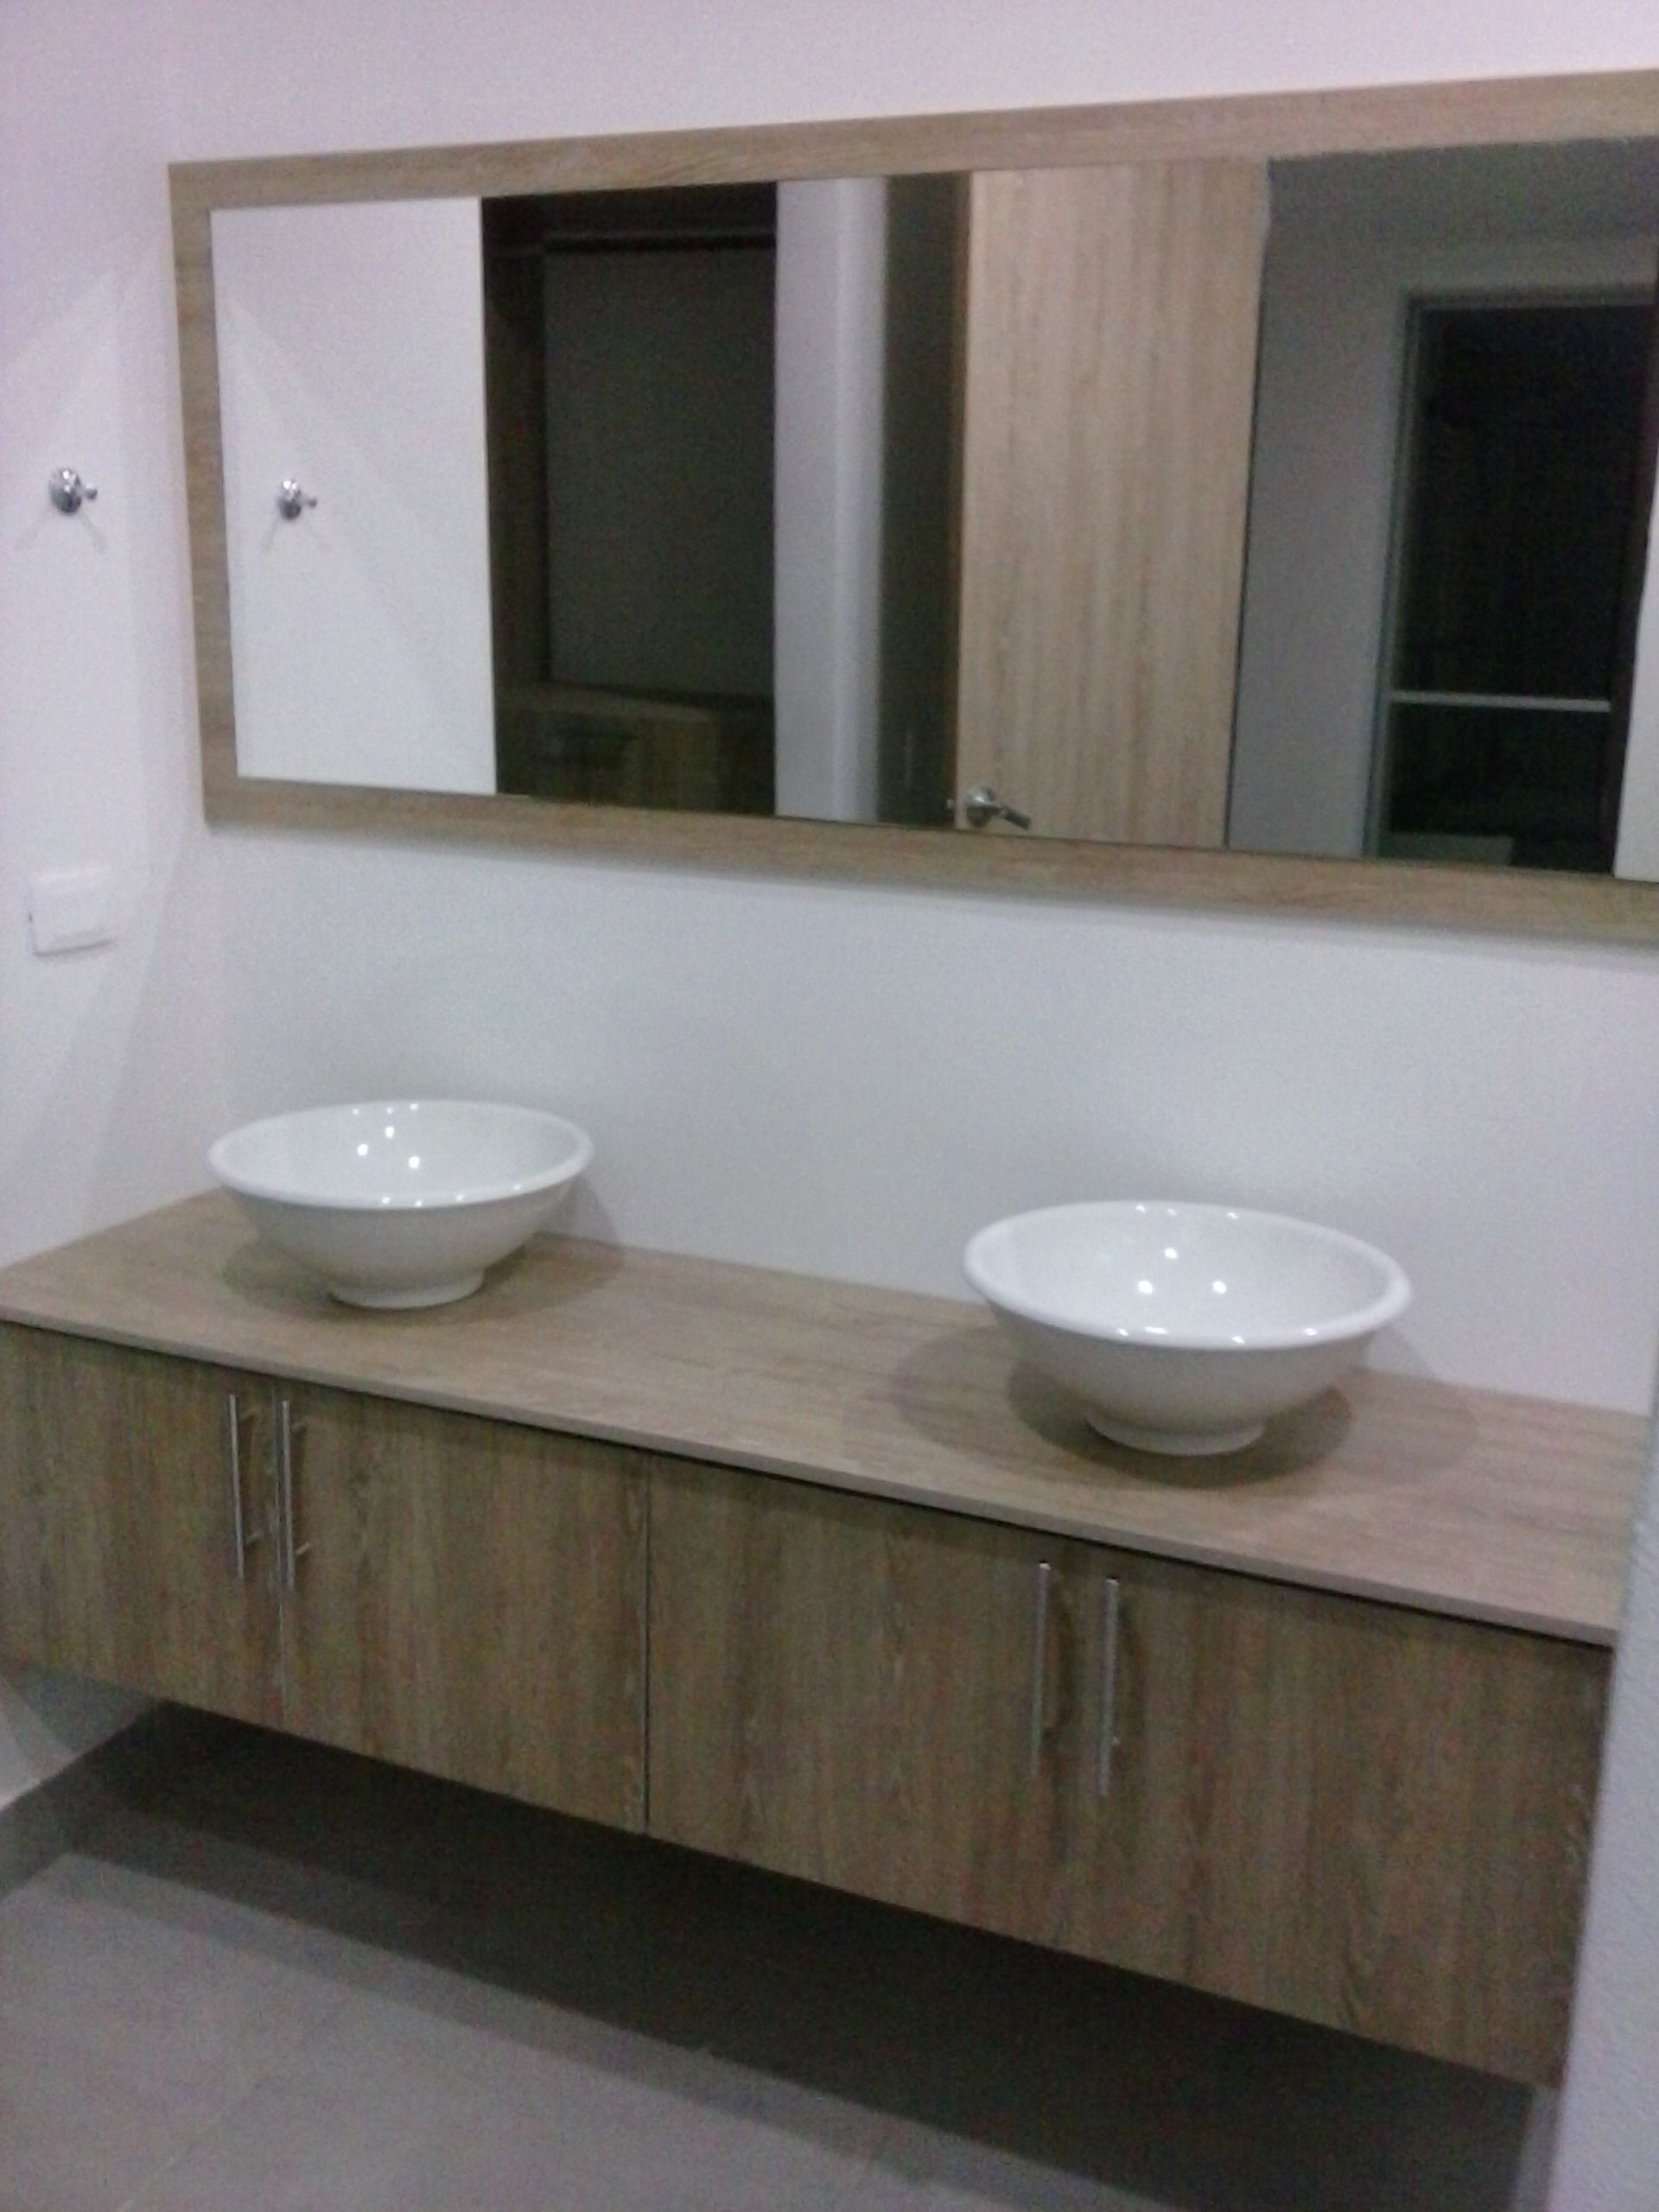 Fabricado Por C G Arte Y Decoraci N Meson En Madecor Vienes Con  # Muebles Reclinables Republica Dominicana